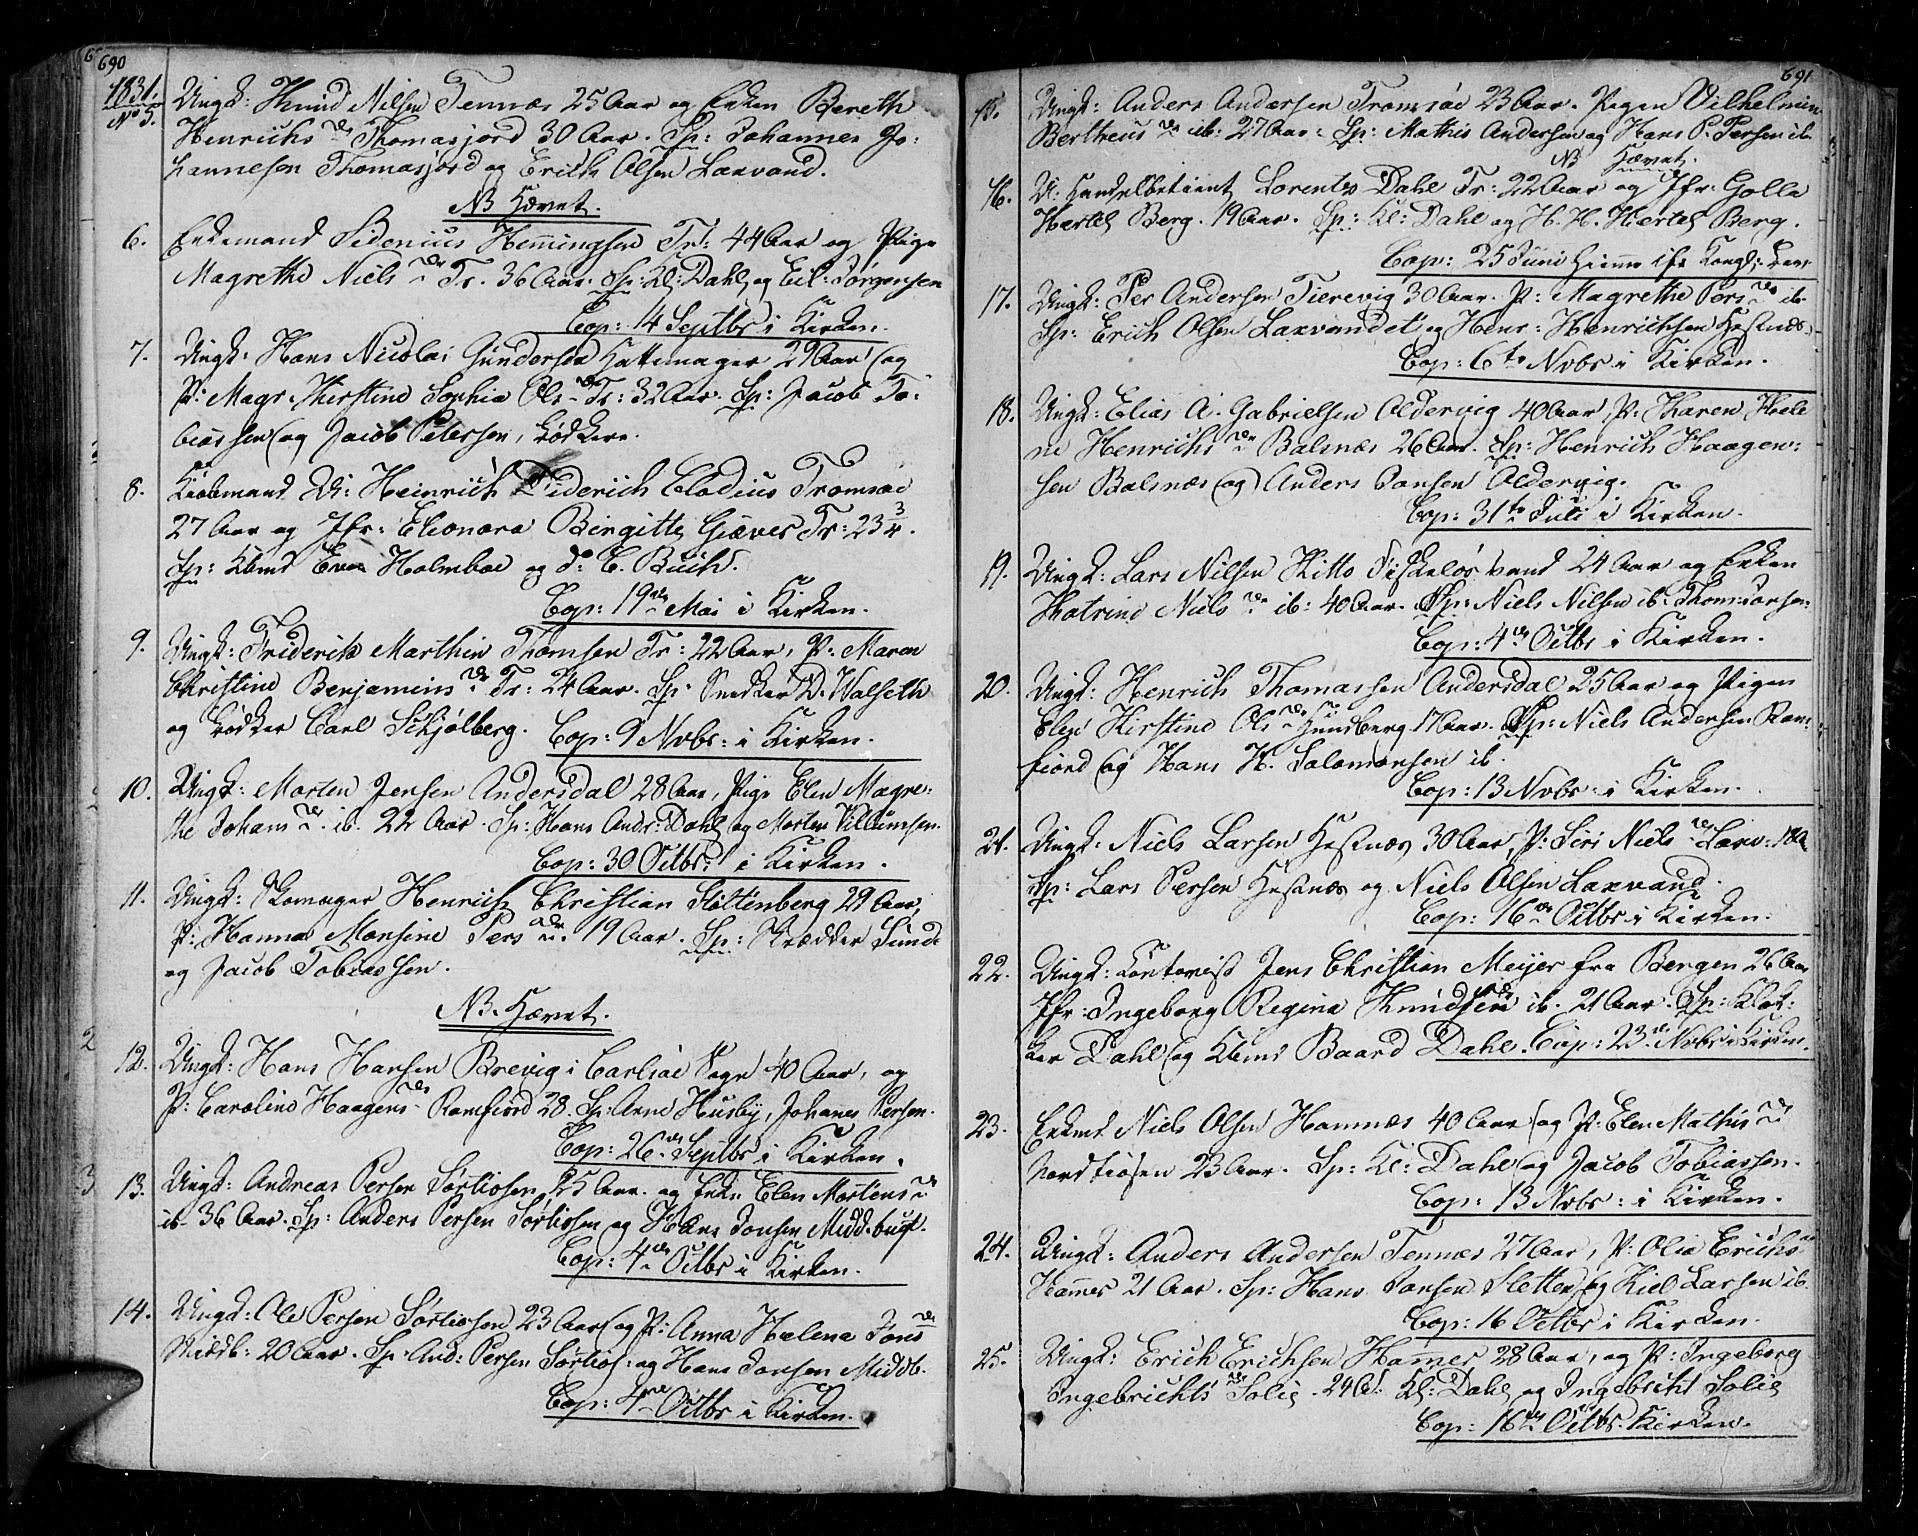 SATØ, Tromsø sokneprestkontor/stiftsprosti/domprosti, G/Ga/L0008kirke: Ministerialbok nr. 8, 1829-1837, s. 690-691